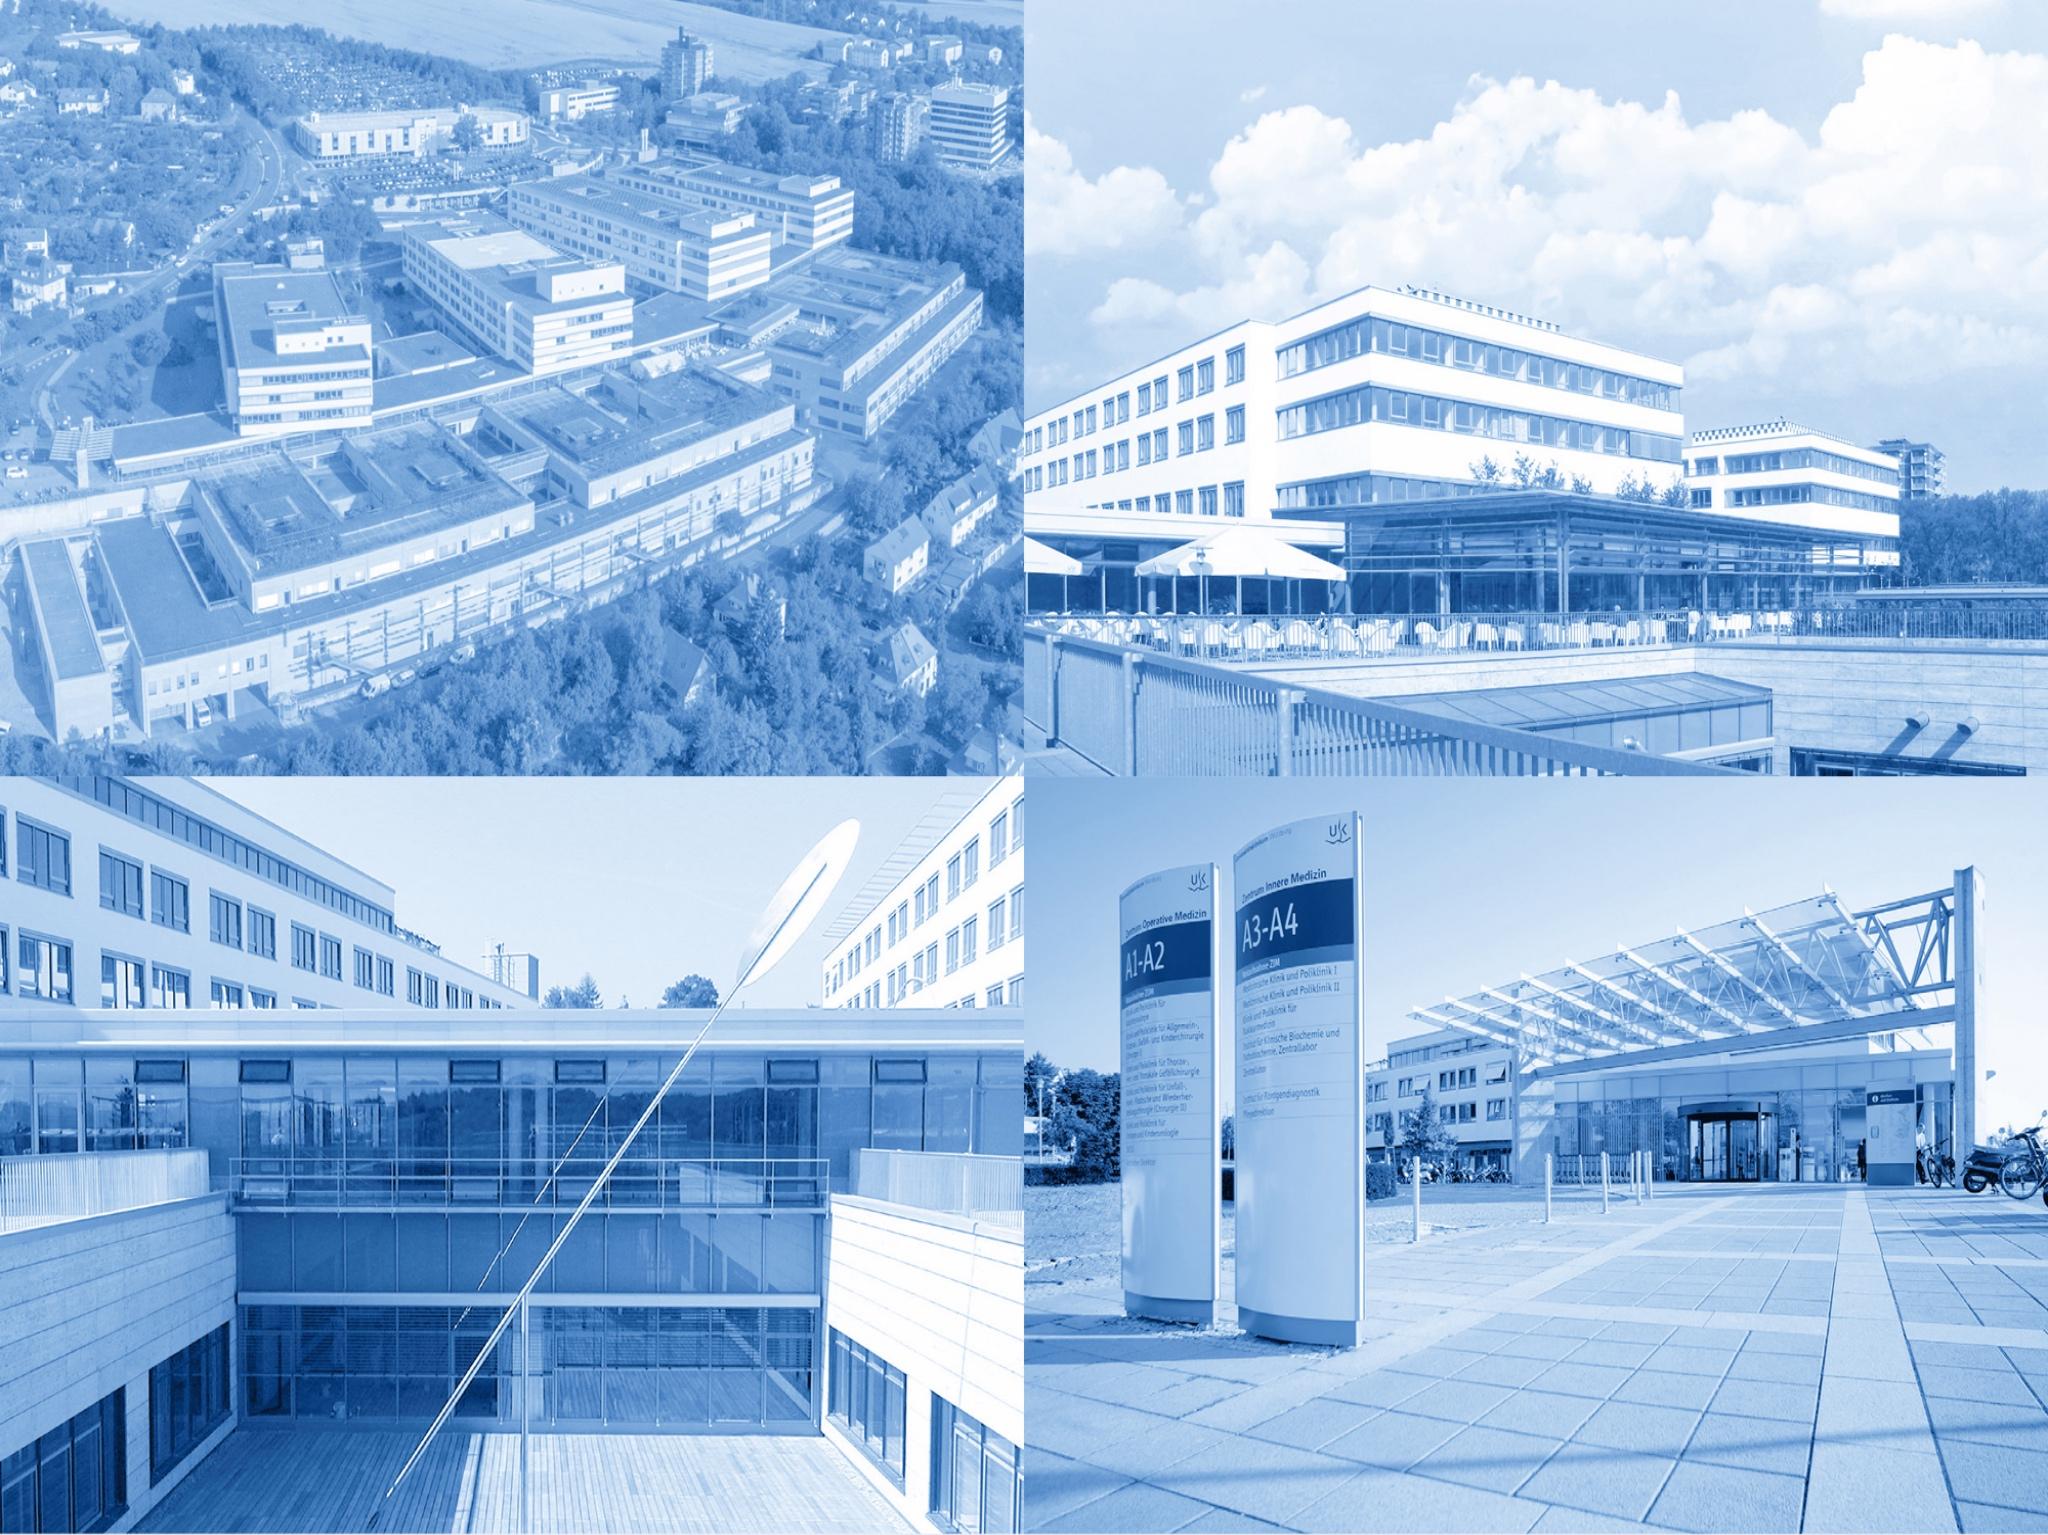 Das Doppelzentrum für Operative und Innere Medizin des Uniklinikums Würzburg. Foto: Uniklinikum Würzburg